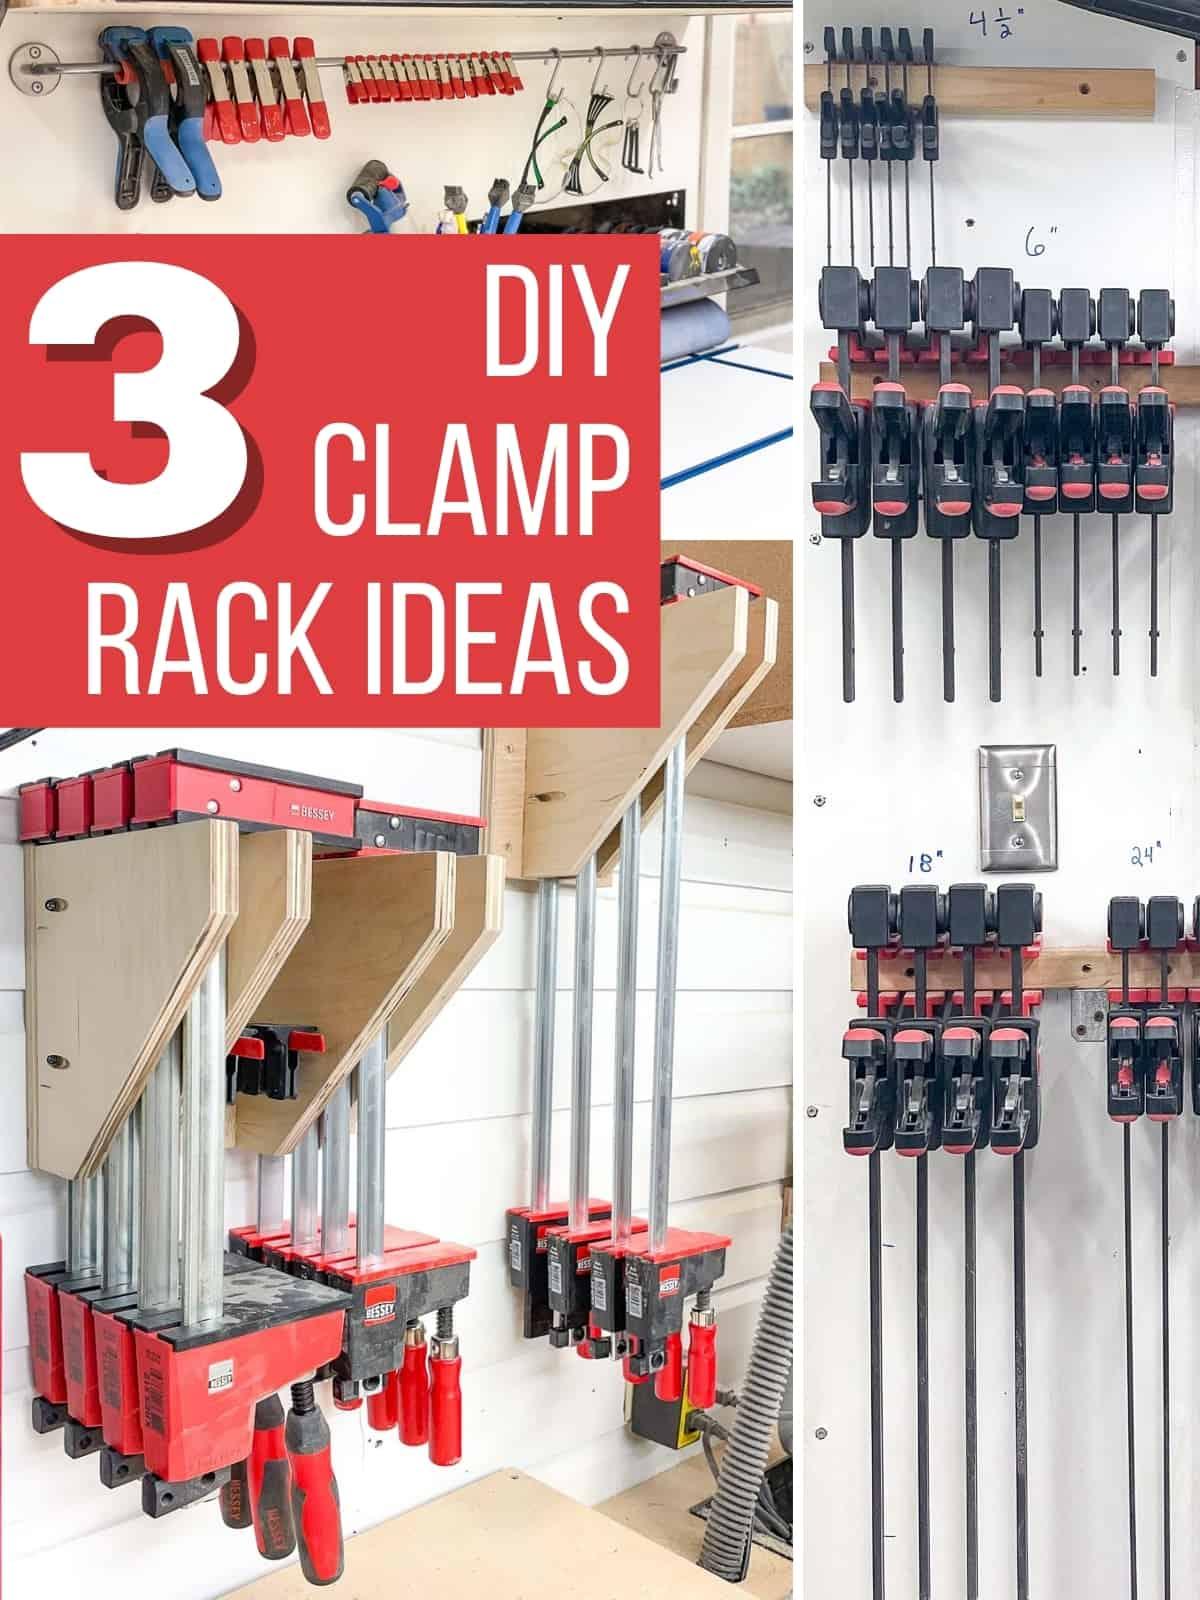 DIY clamp rack ideas